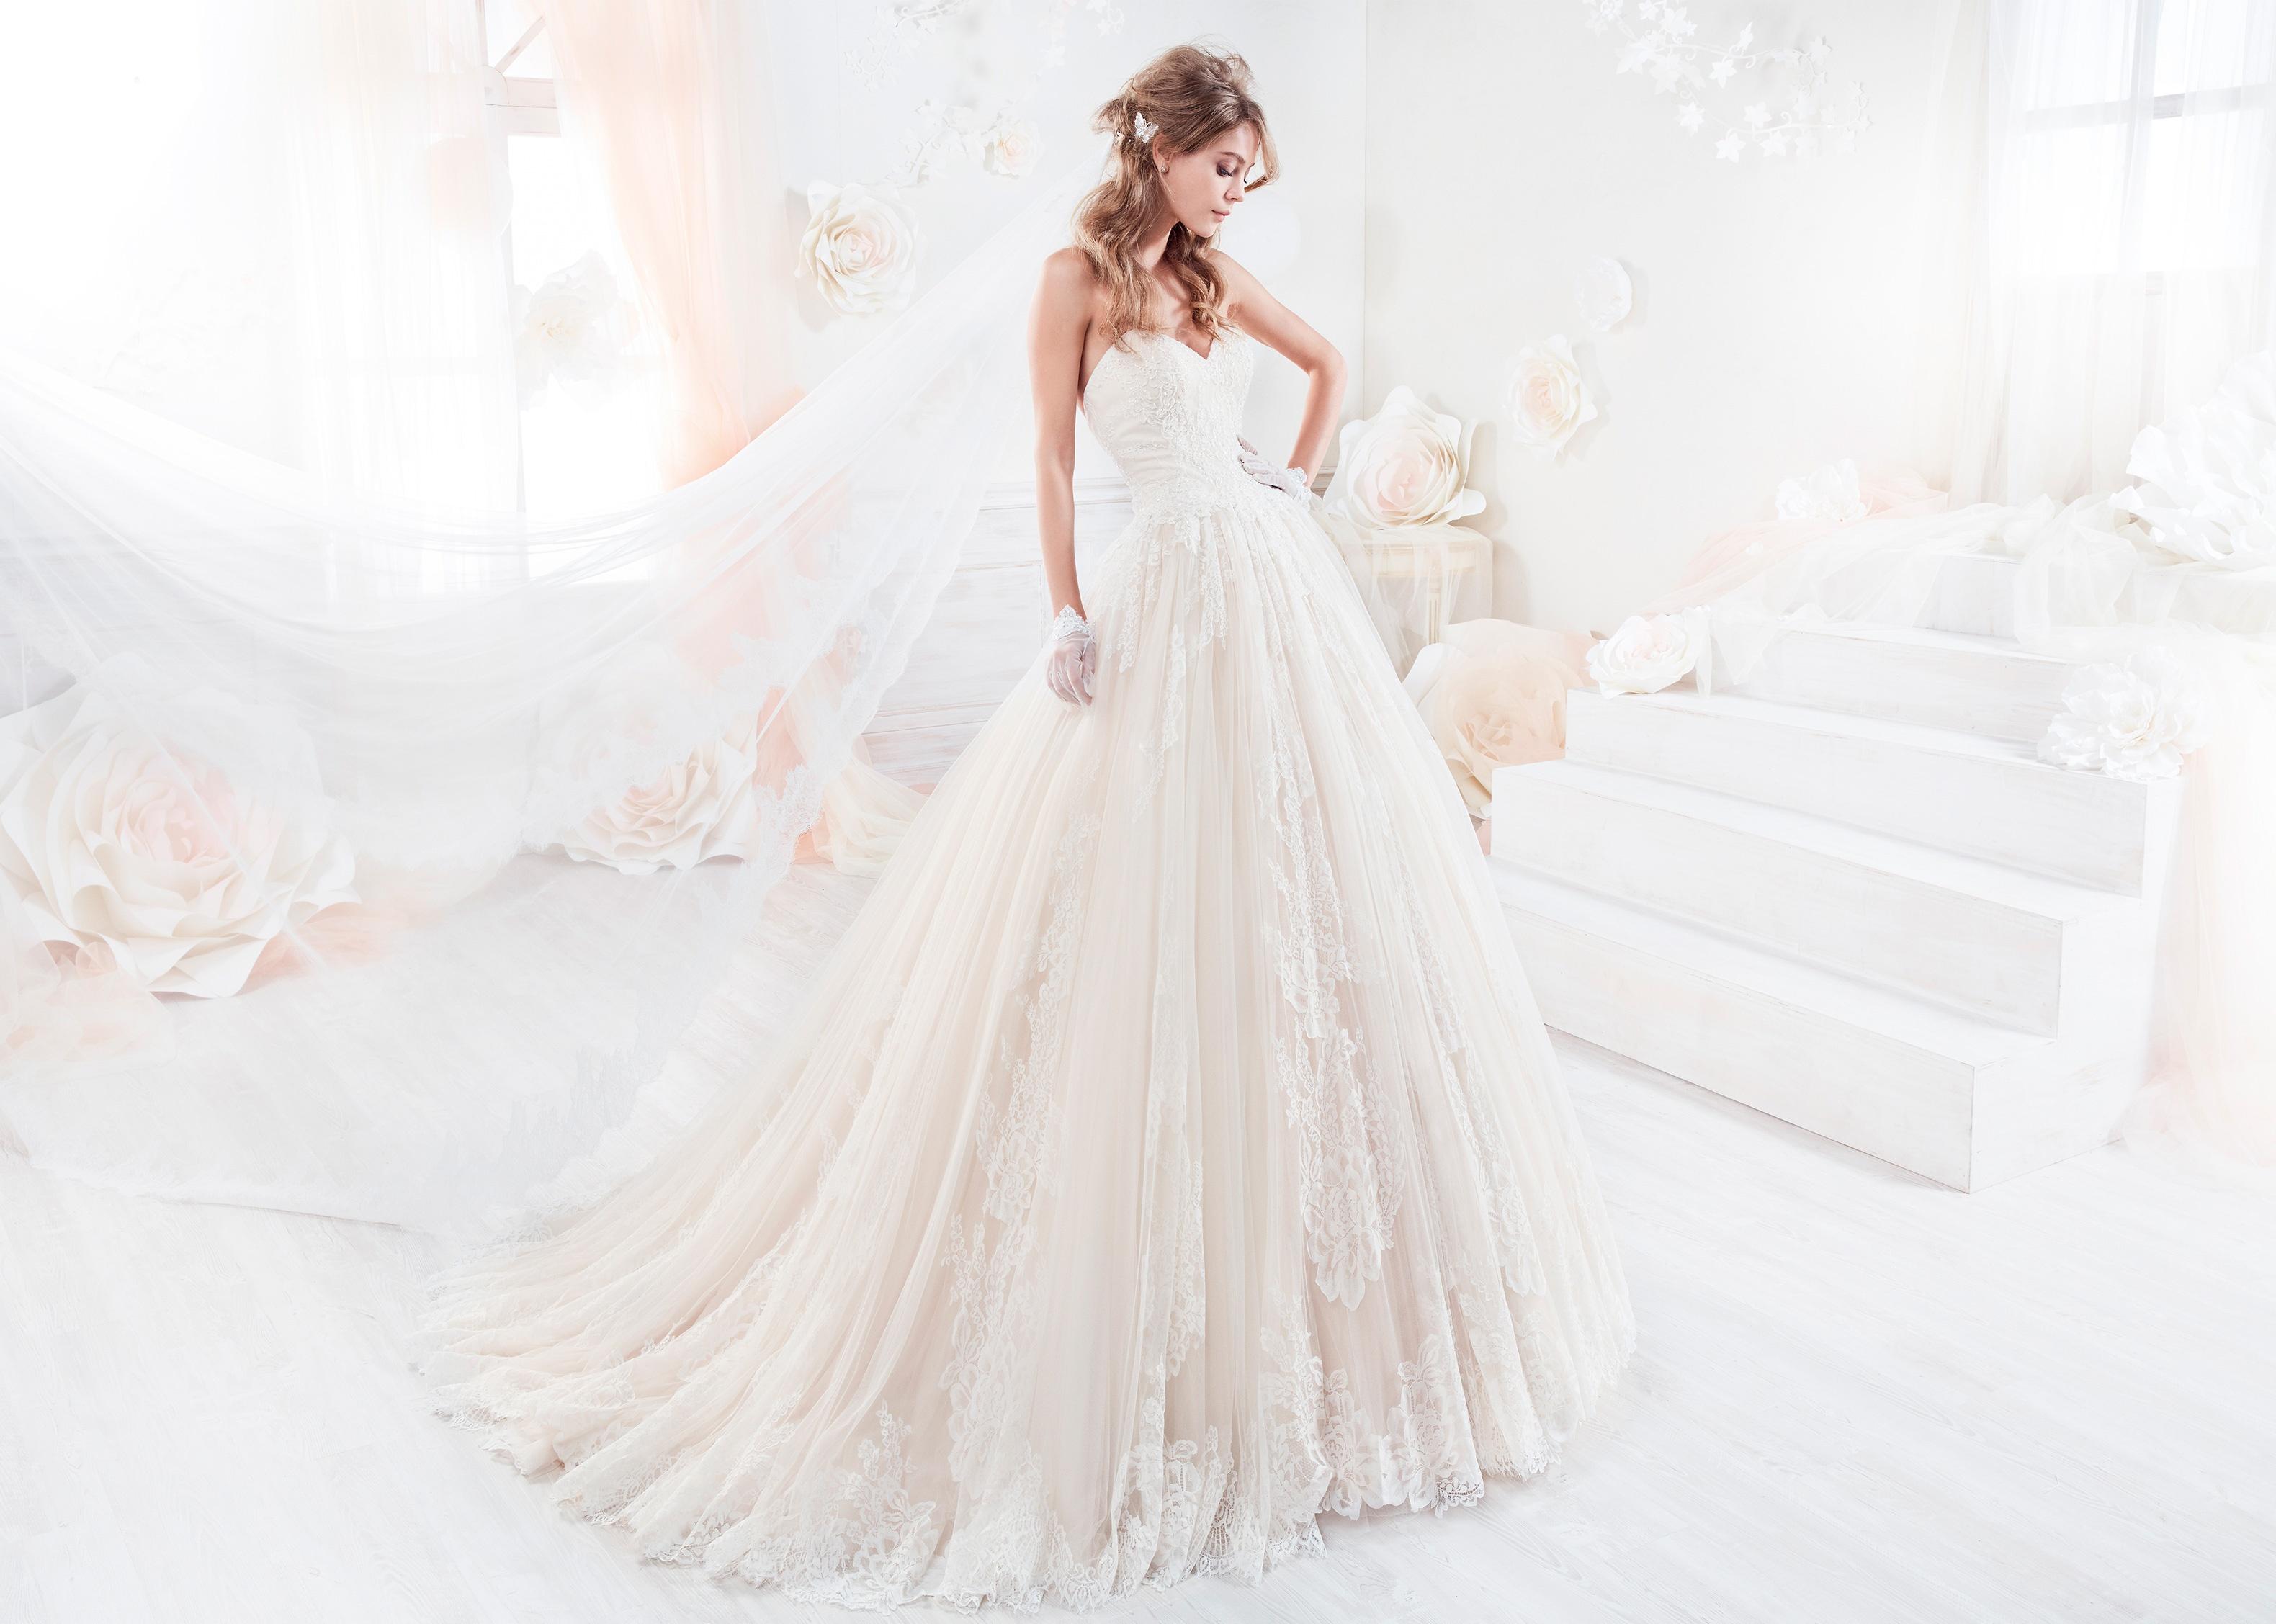 nicole-spose-COAB18317-Colet-moda-sposa-2018-scollo a cuore con pizzo chantilly e applicazioni sul fondo